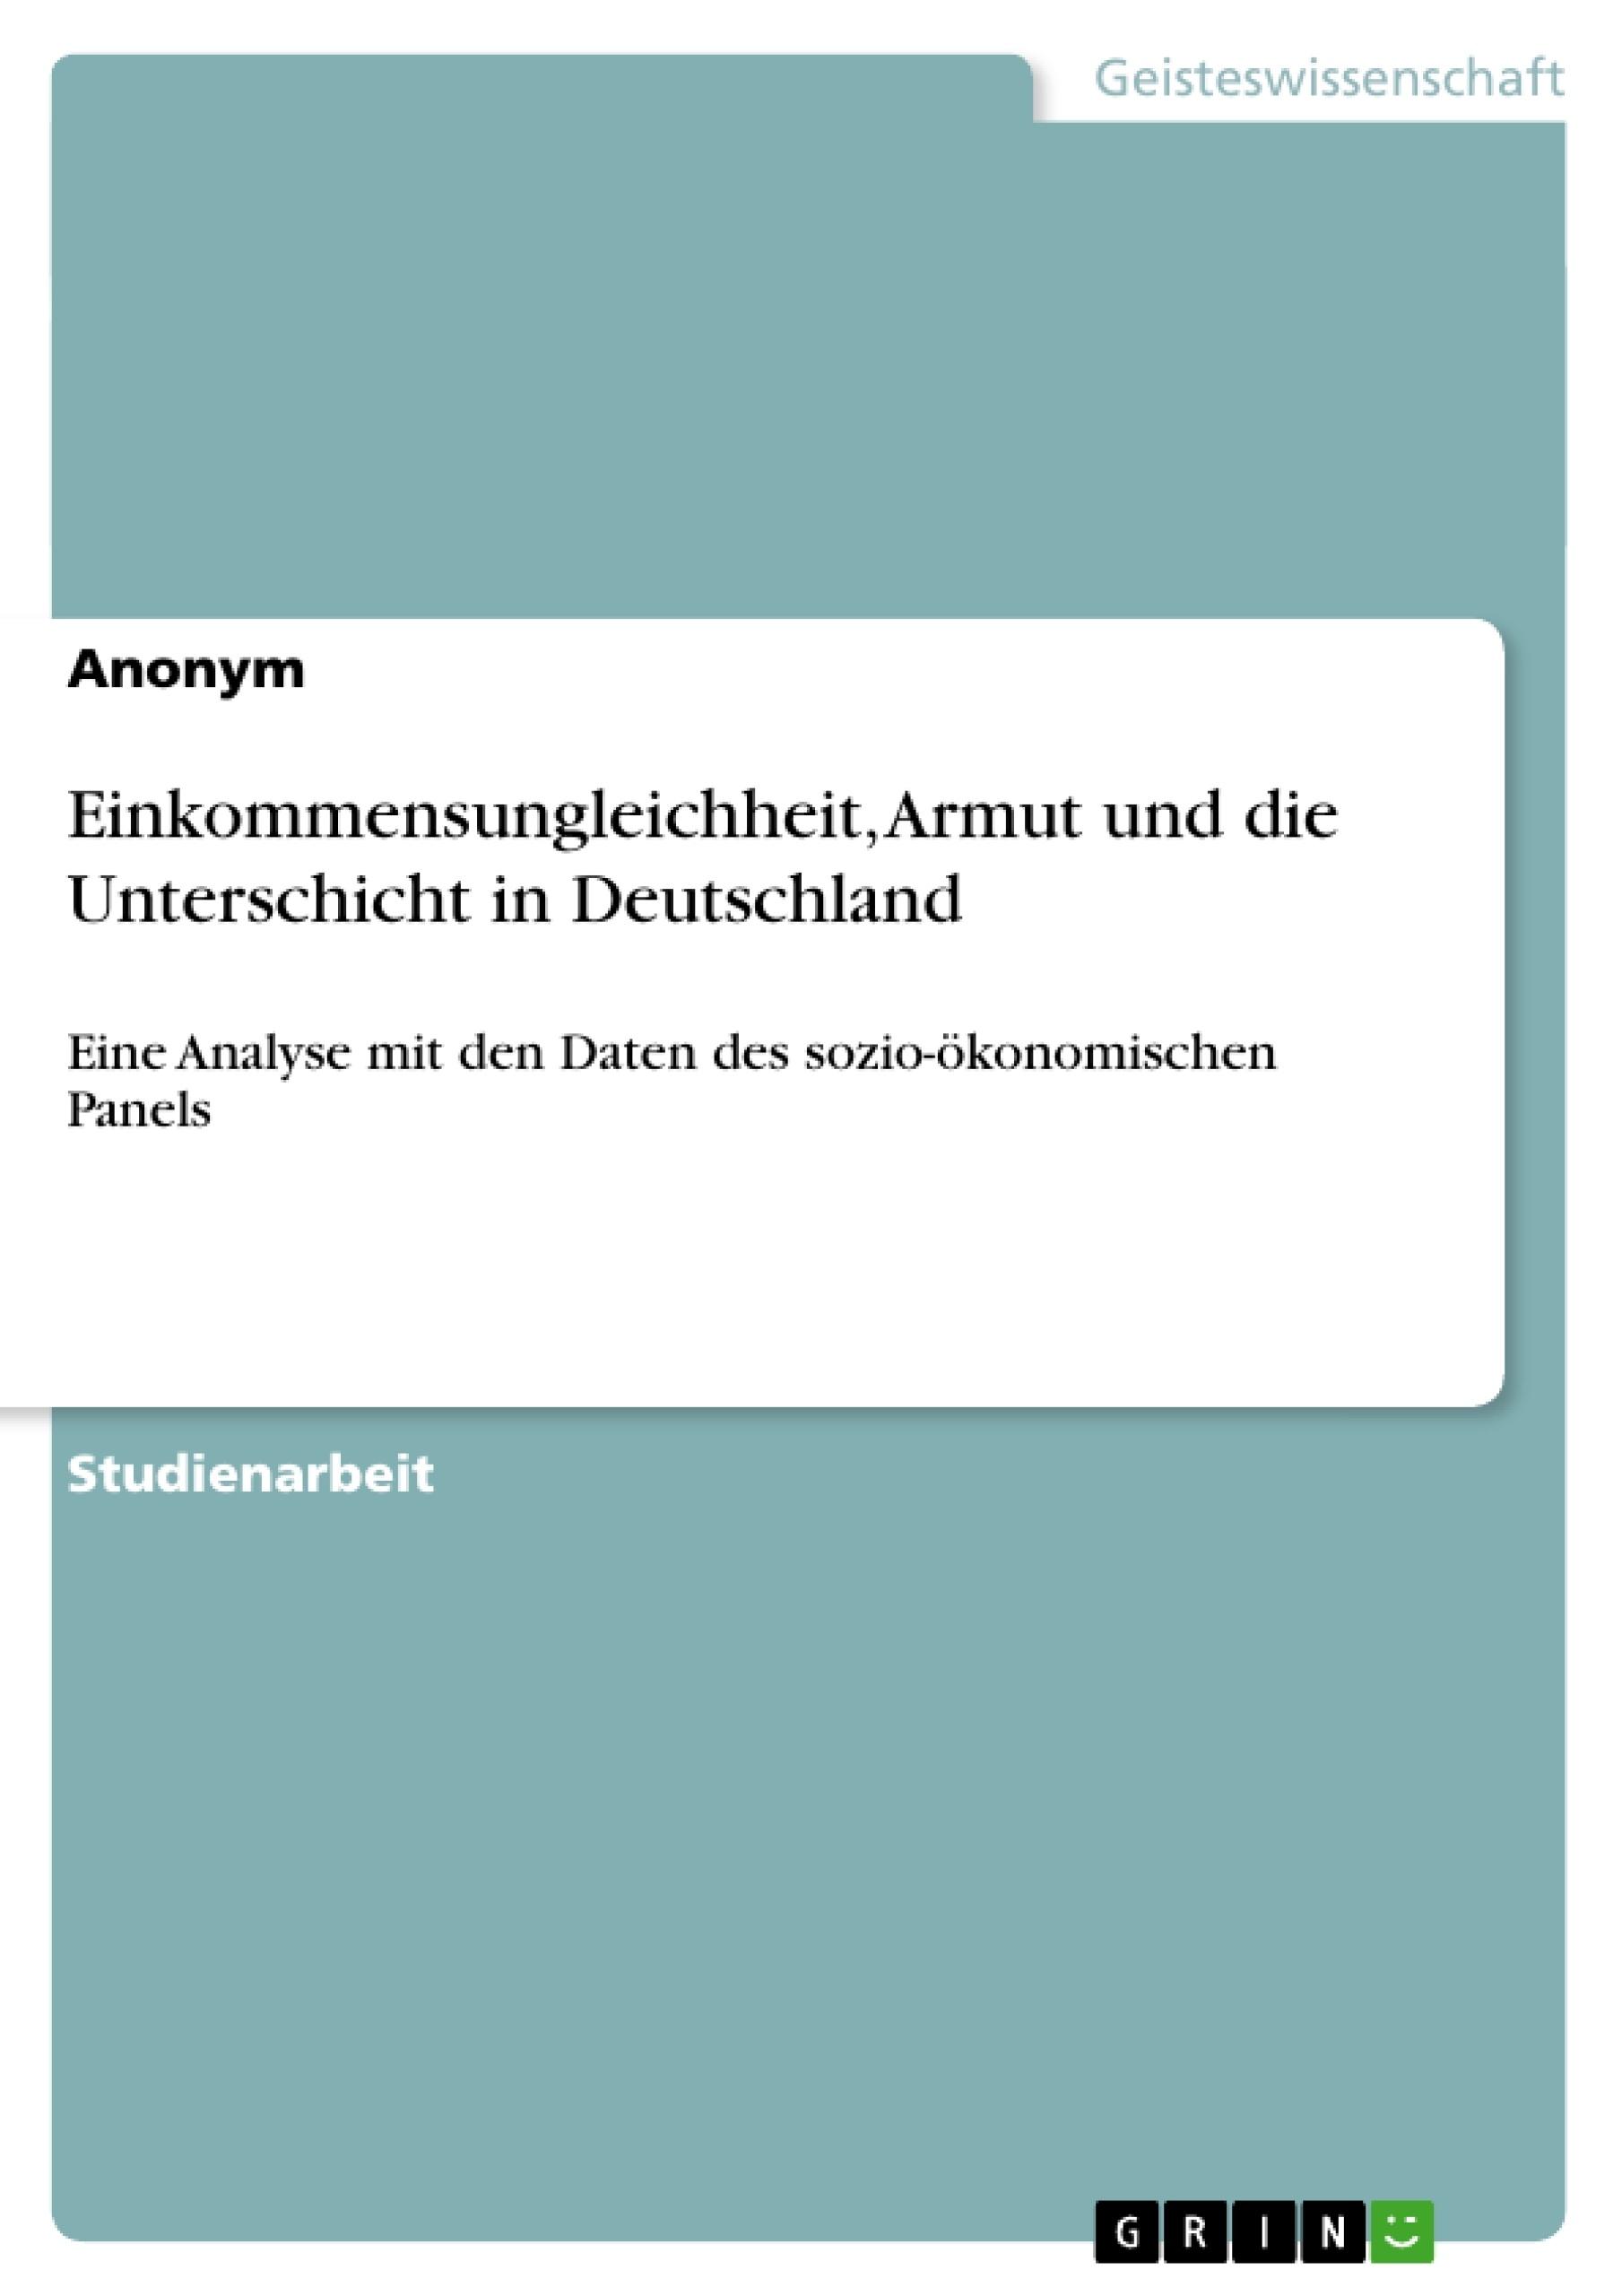 Titel: Einkommensungleichheit, Armut und die Unterschicht in Deutschland